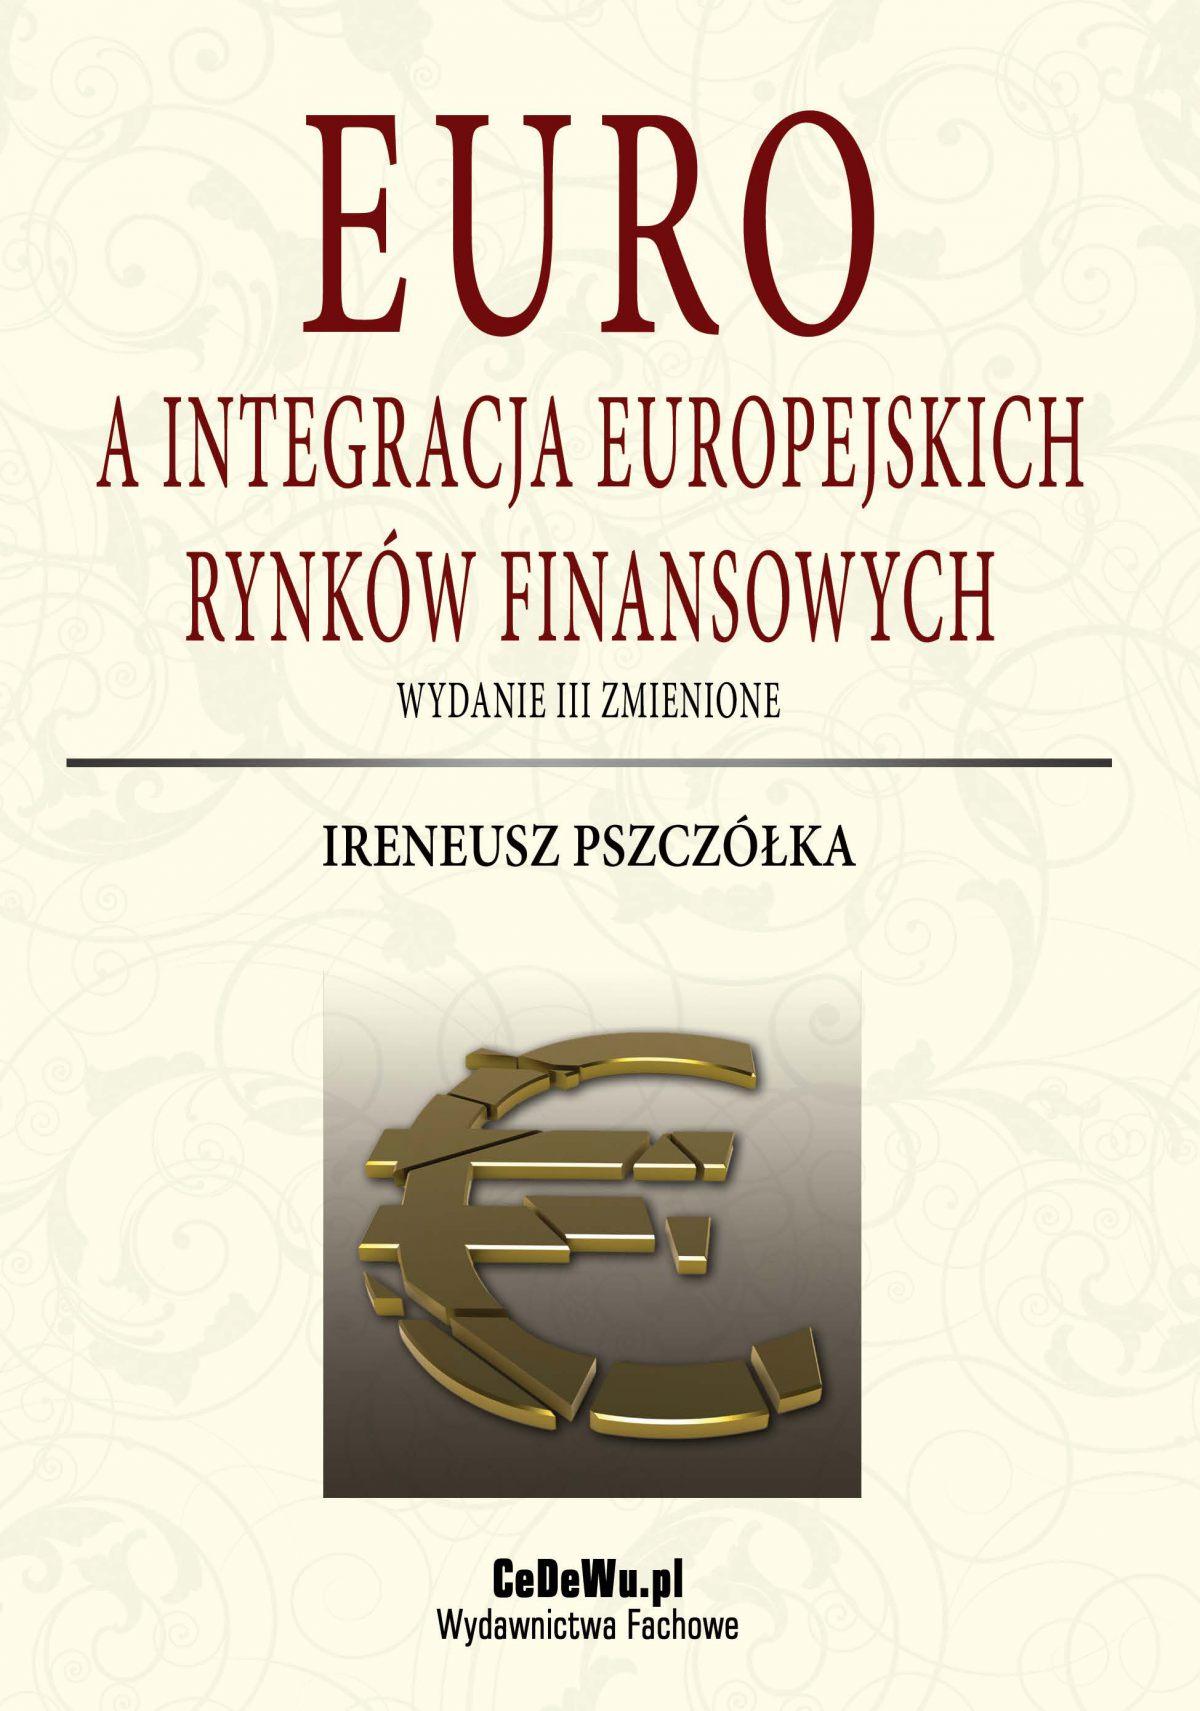 Euro a integracja europejskich rynków finansowych (wyd. III zmienione). Rozdział 3. Europejski rynek pieniężny jako efekt integracji monetarnej - Ebook (Książka PDF) do pobrania w formacie PDF